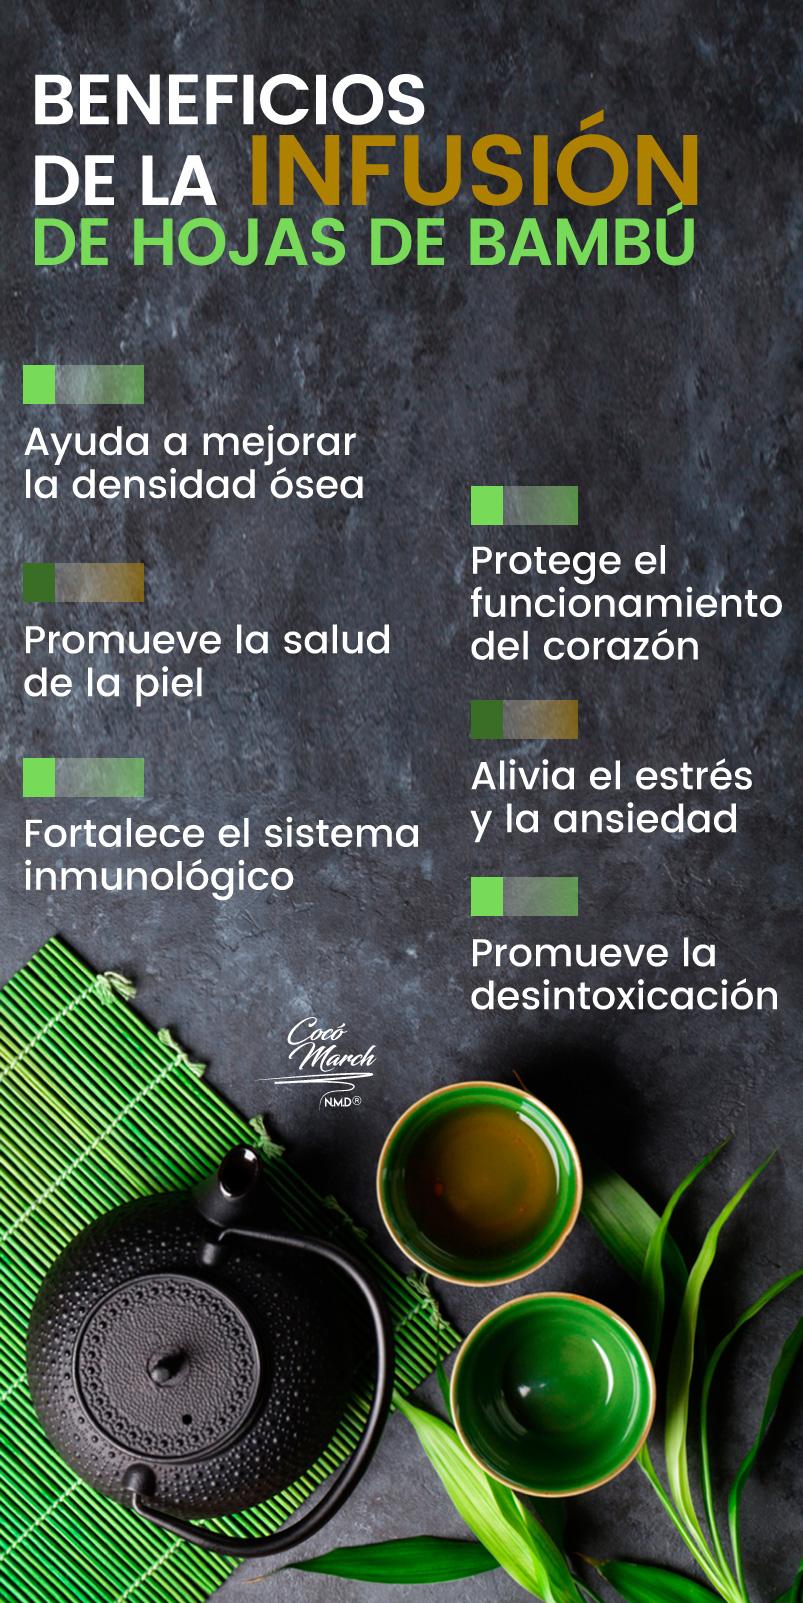 infusion-de-hoja-de-bambu-beneficios